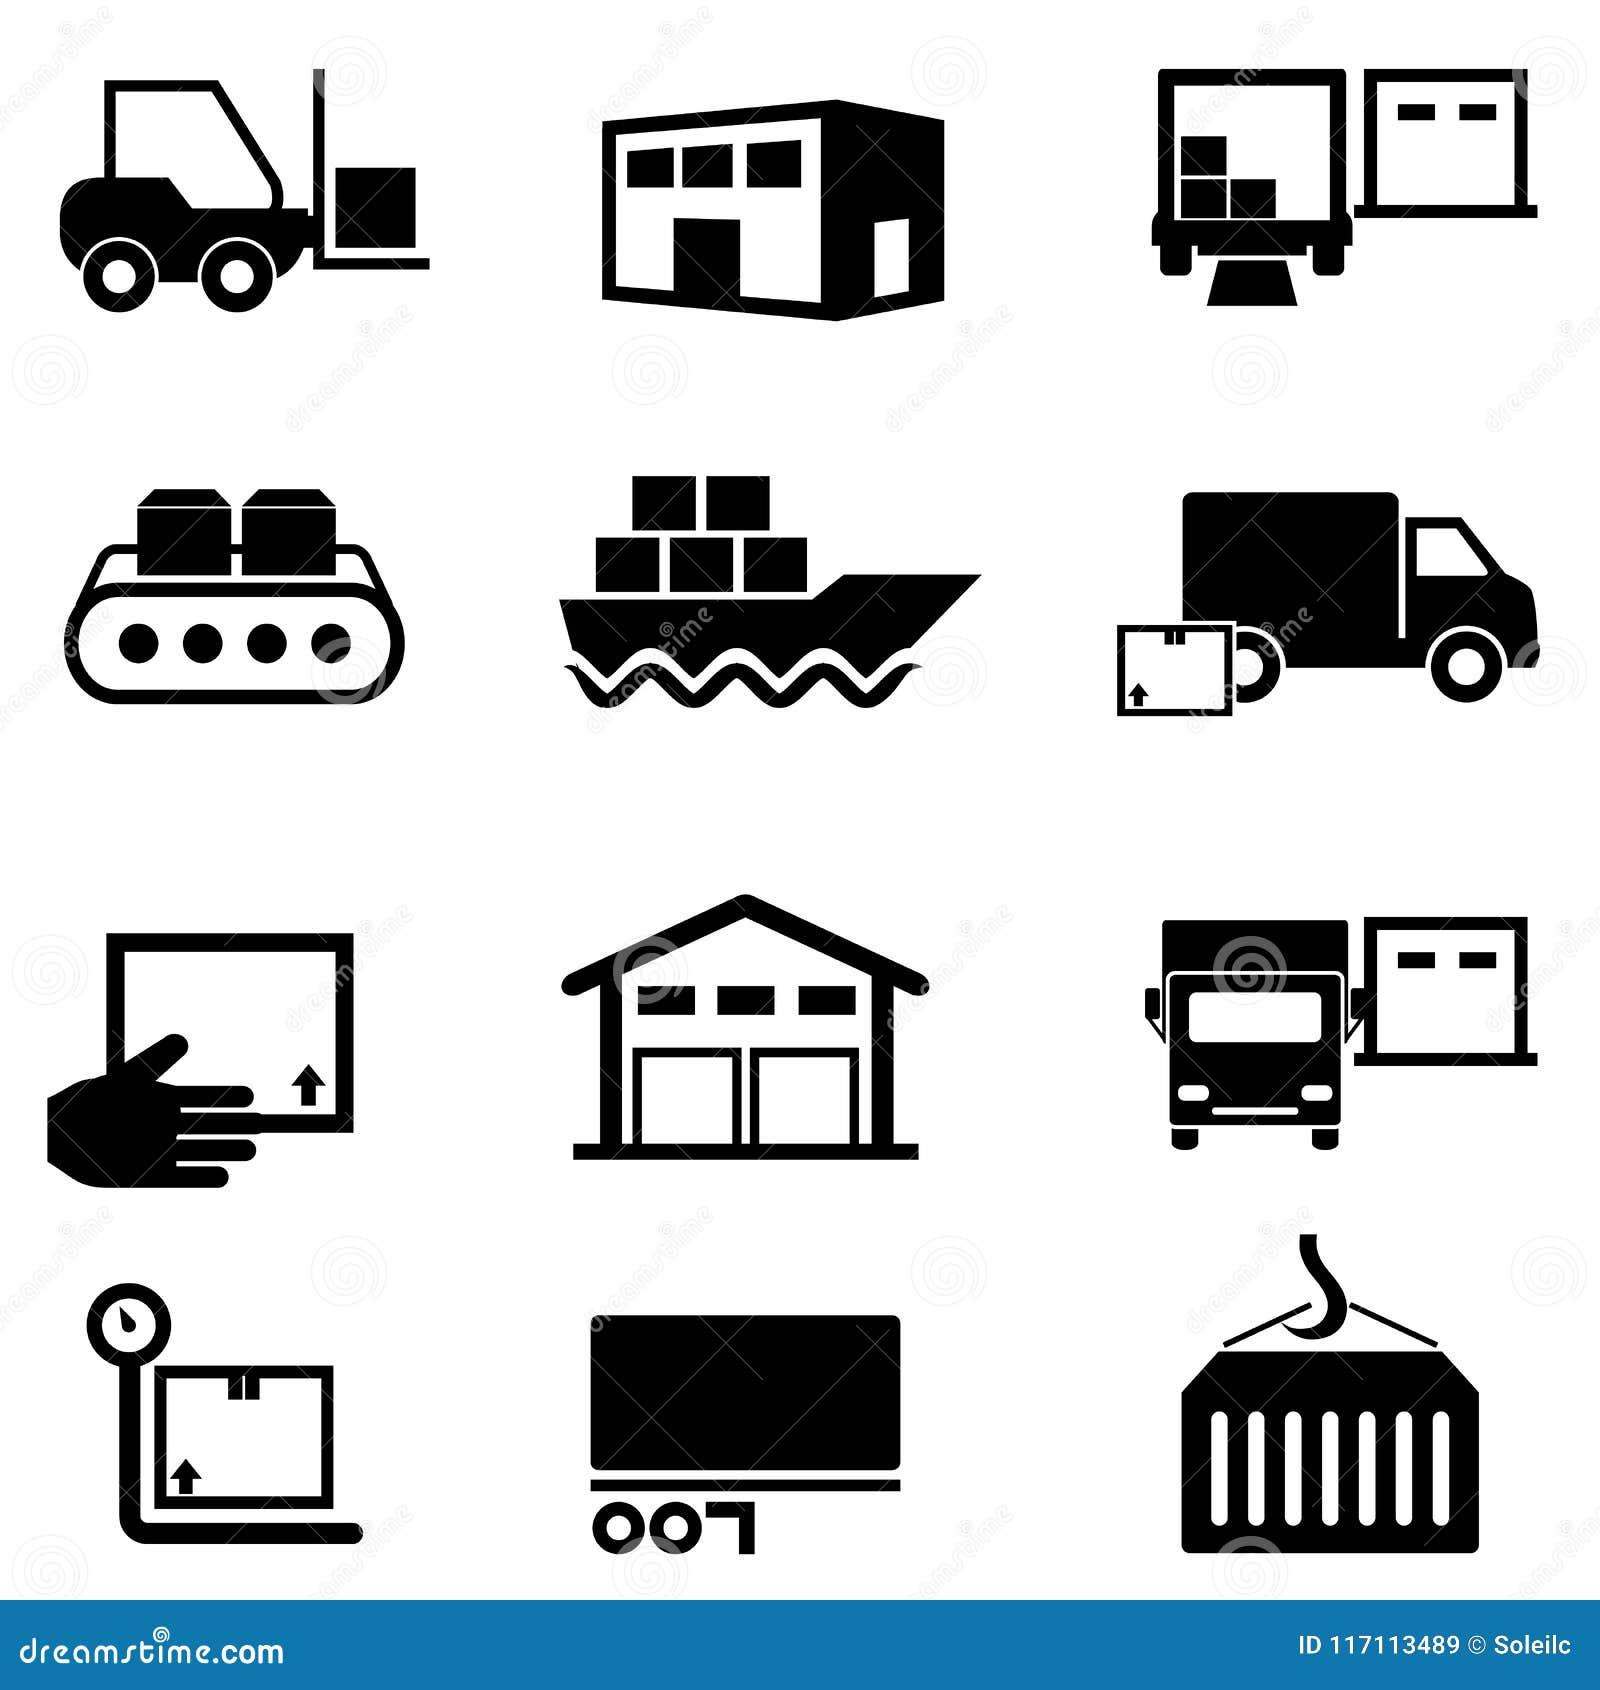 Logística, cadeia de aprovisionamento, distribuição, armazenando e enviando